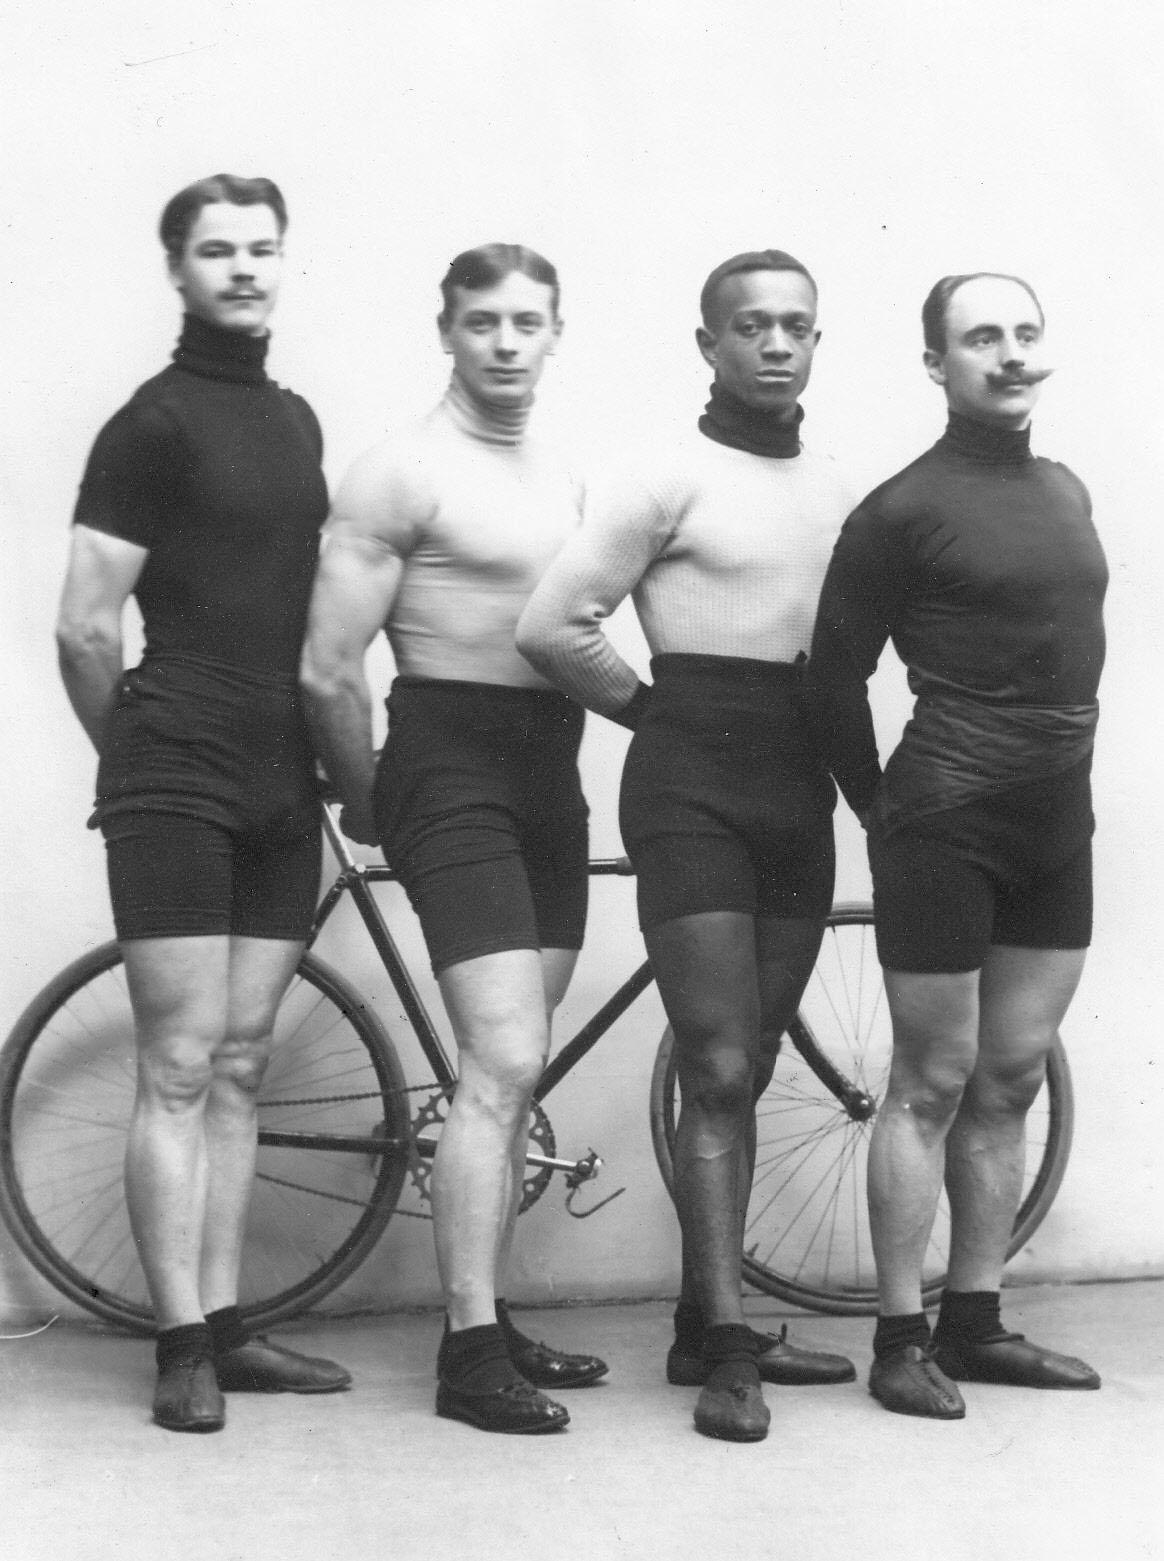 Известные гонщики во время международных соревнований в Санкт-Петербурге (слева направо): чемпион Германии Майер, чемпион России Крупников, чемпион США Тейлор, чемпион Австрии Кудела. 1910